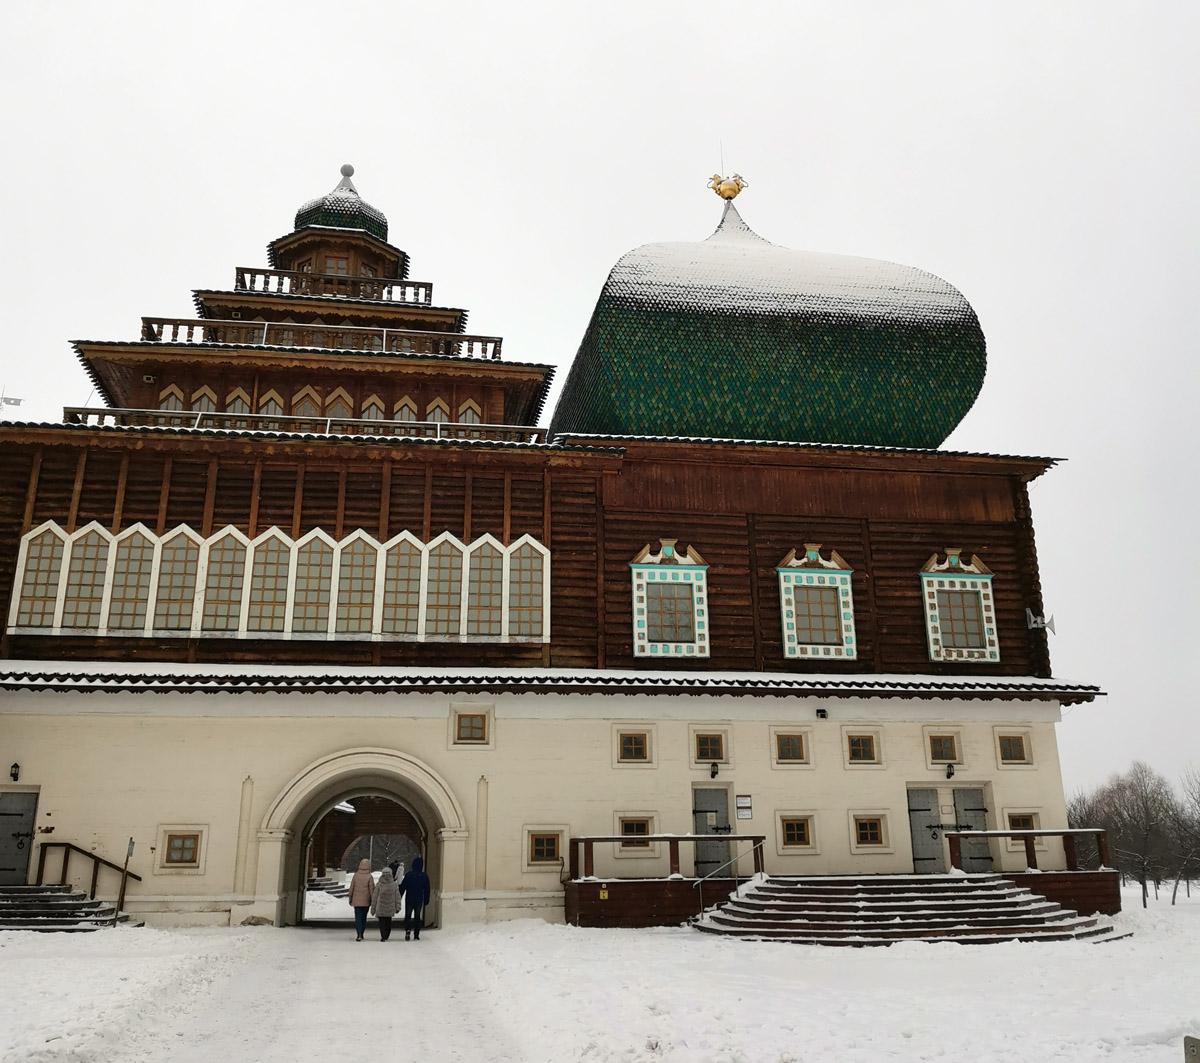 Дворец царя Алексея Михайловича восстановлен по старинным чертежам в 2009 году. Железобетонный каркас с обшивкой из бревен.